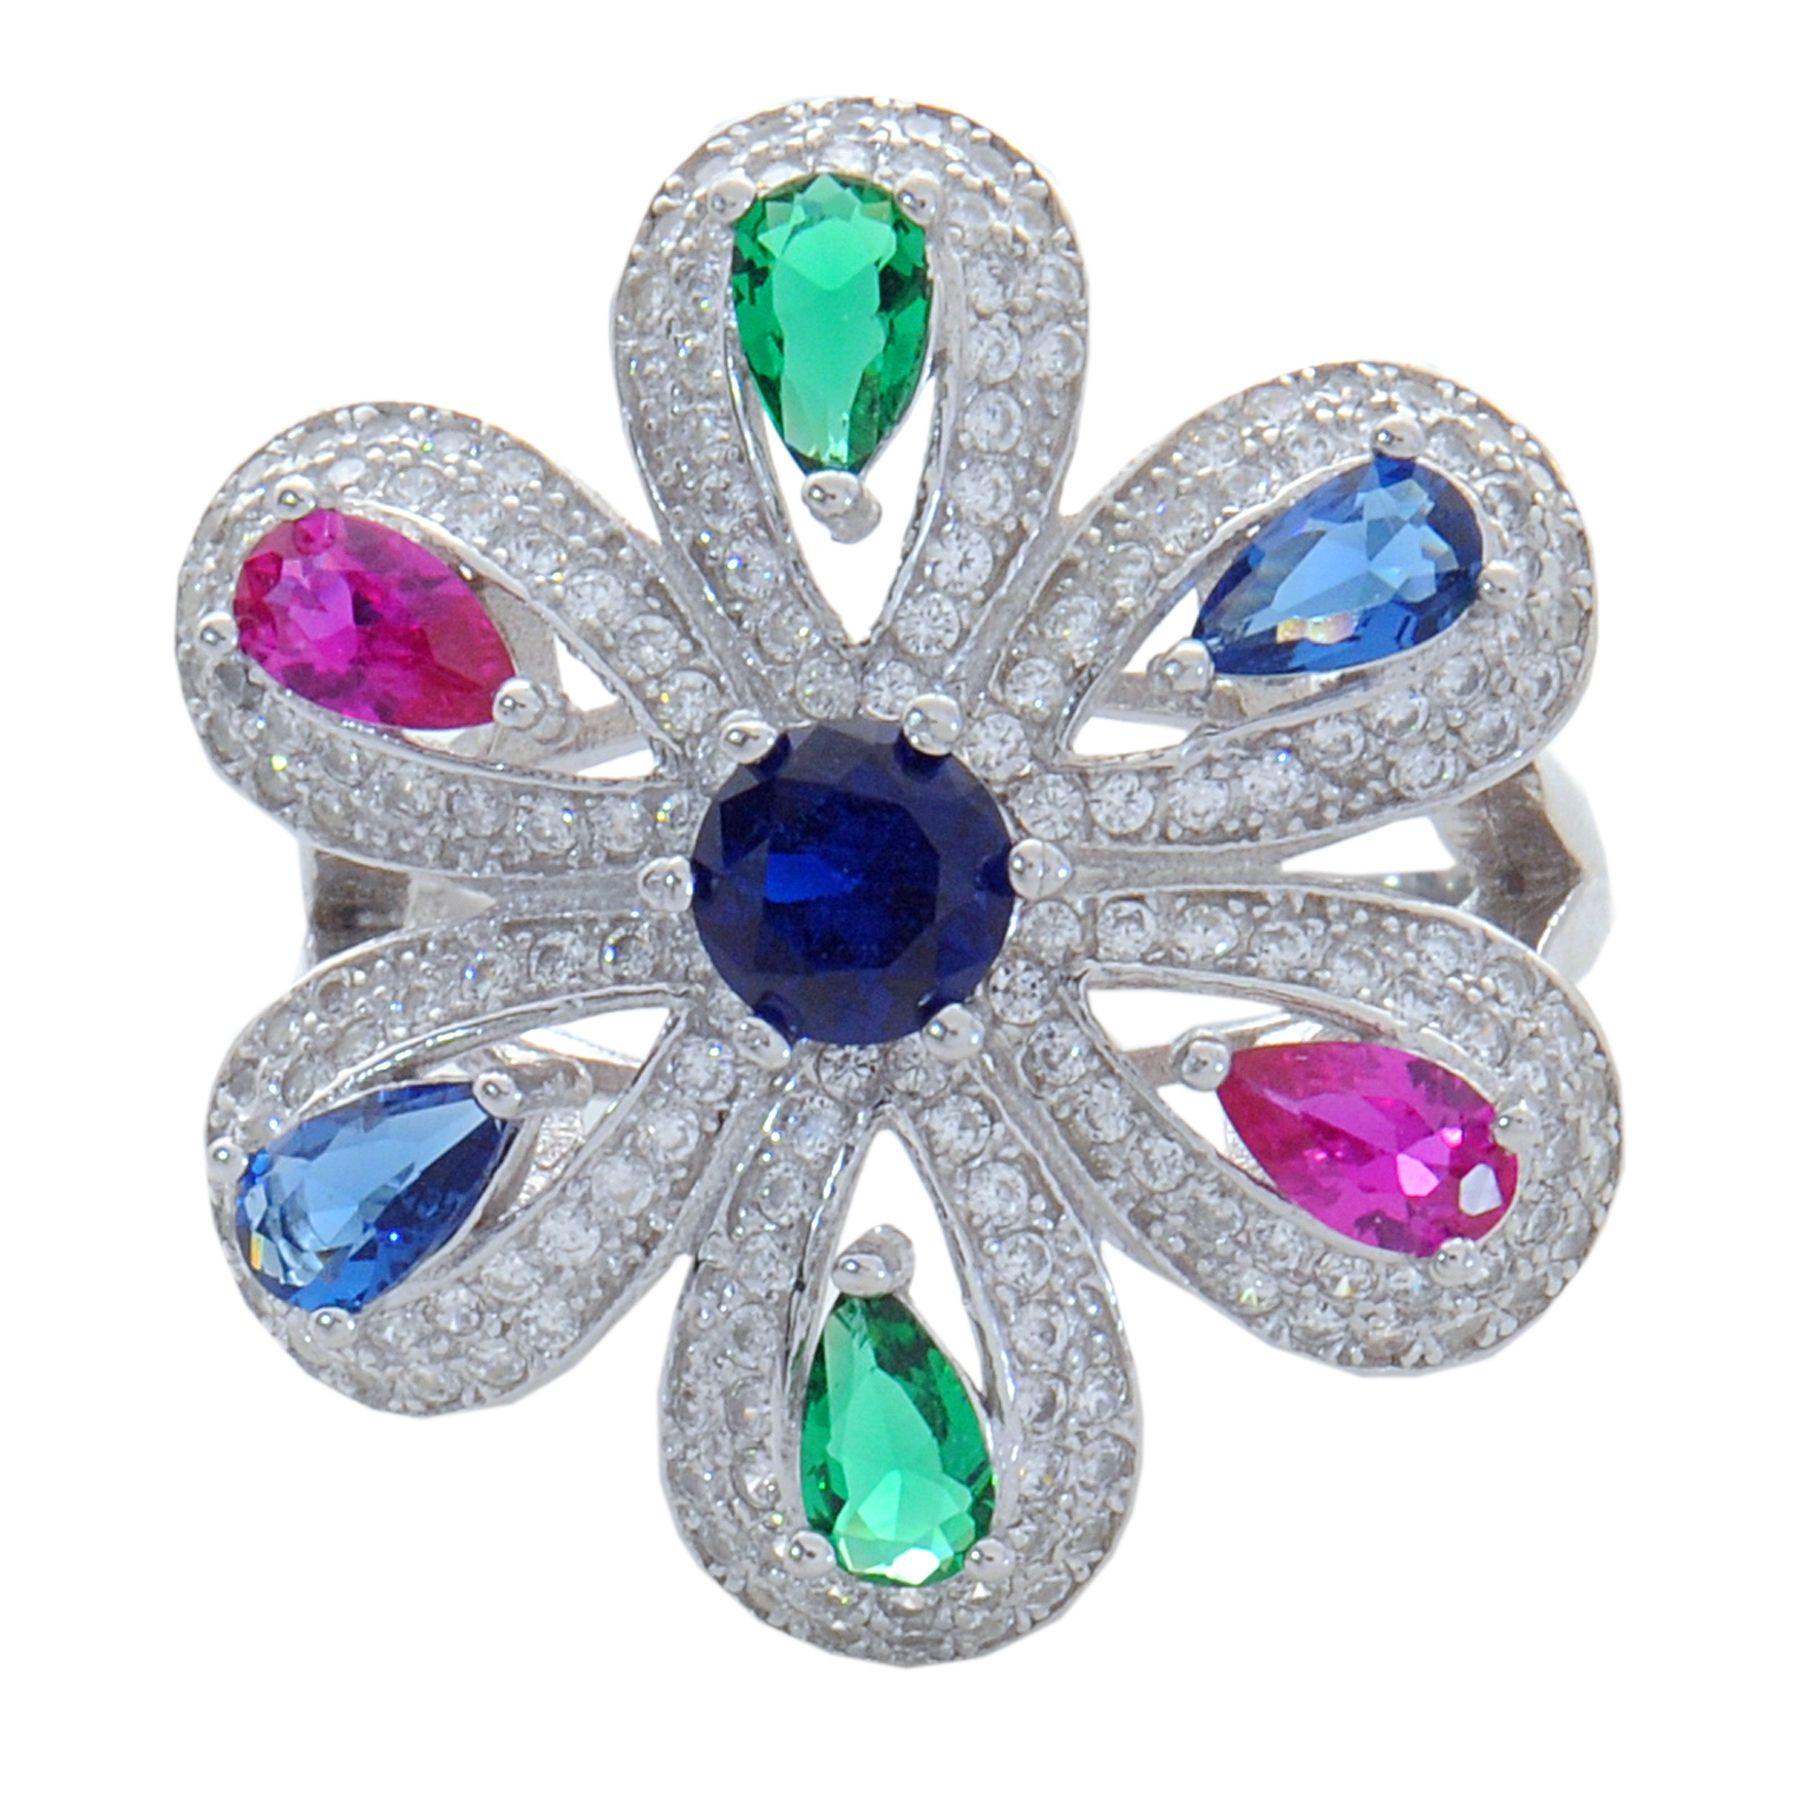 amansilver designer sterling silver rings 925